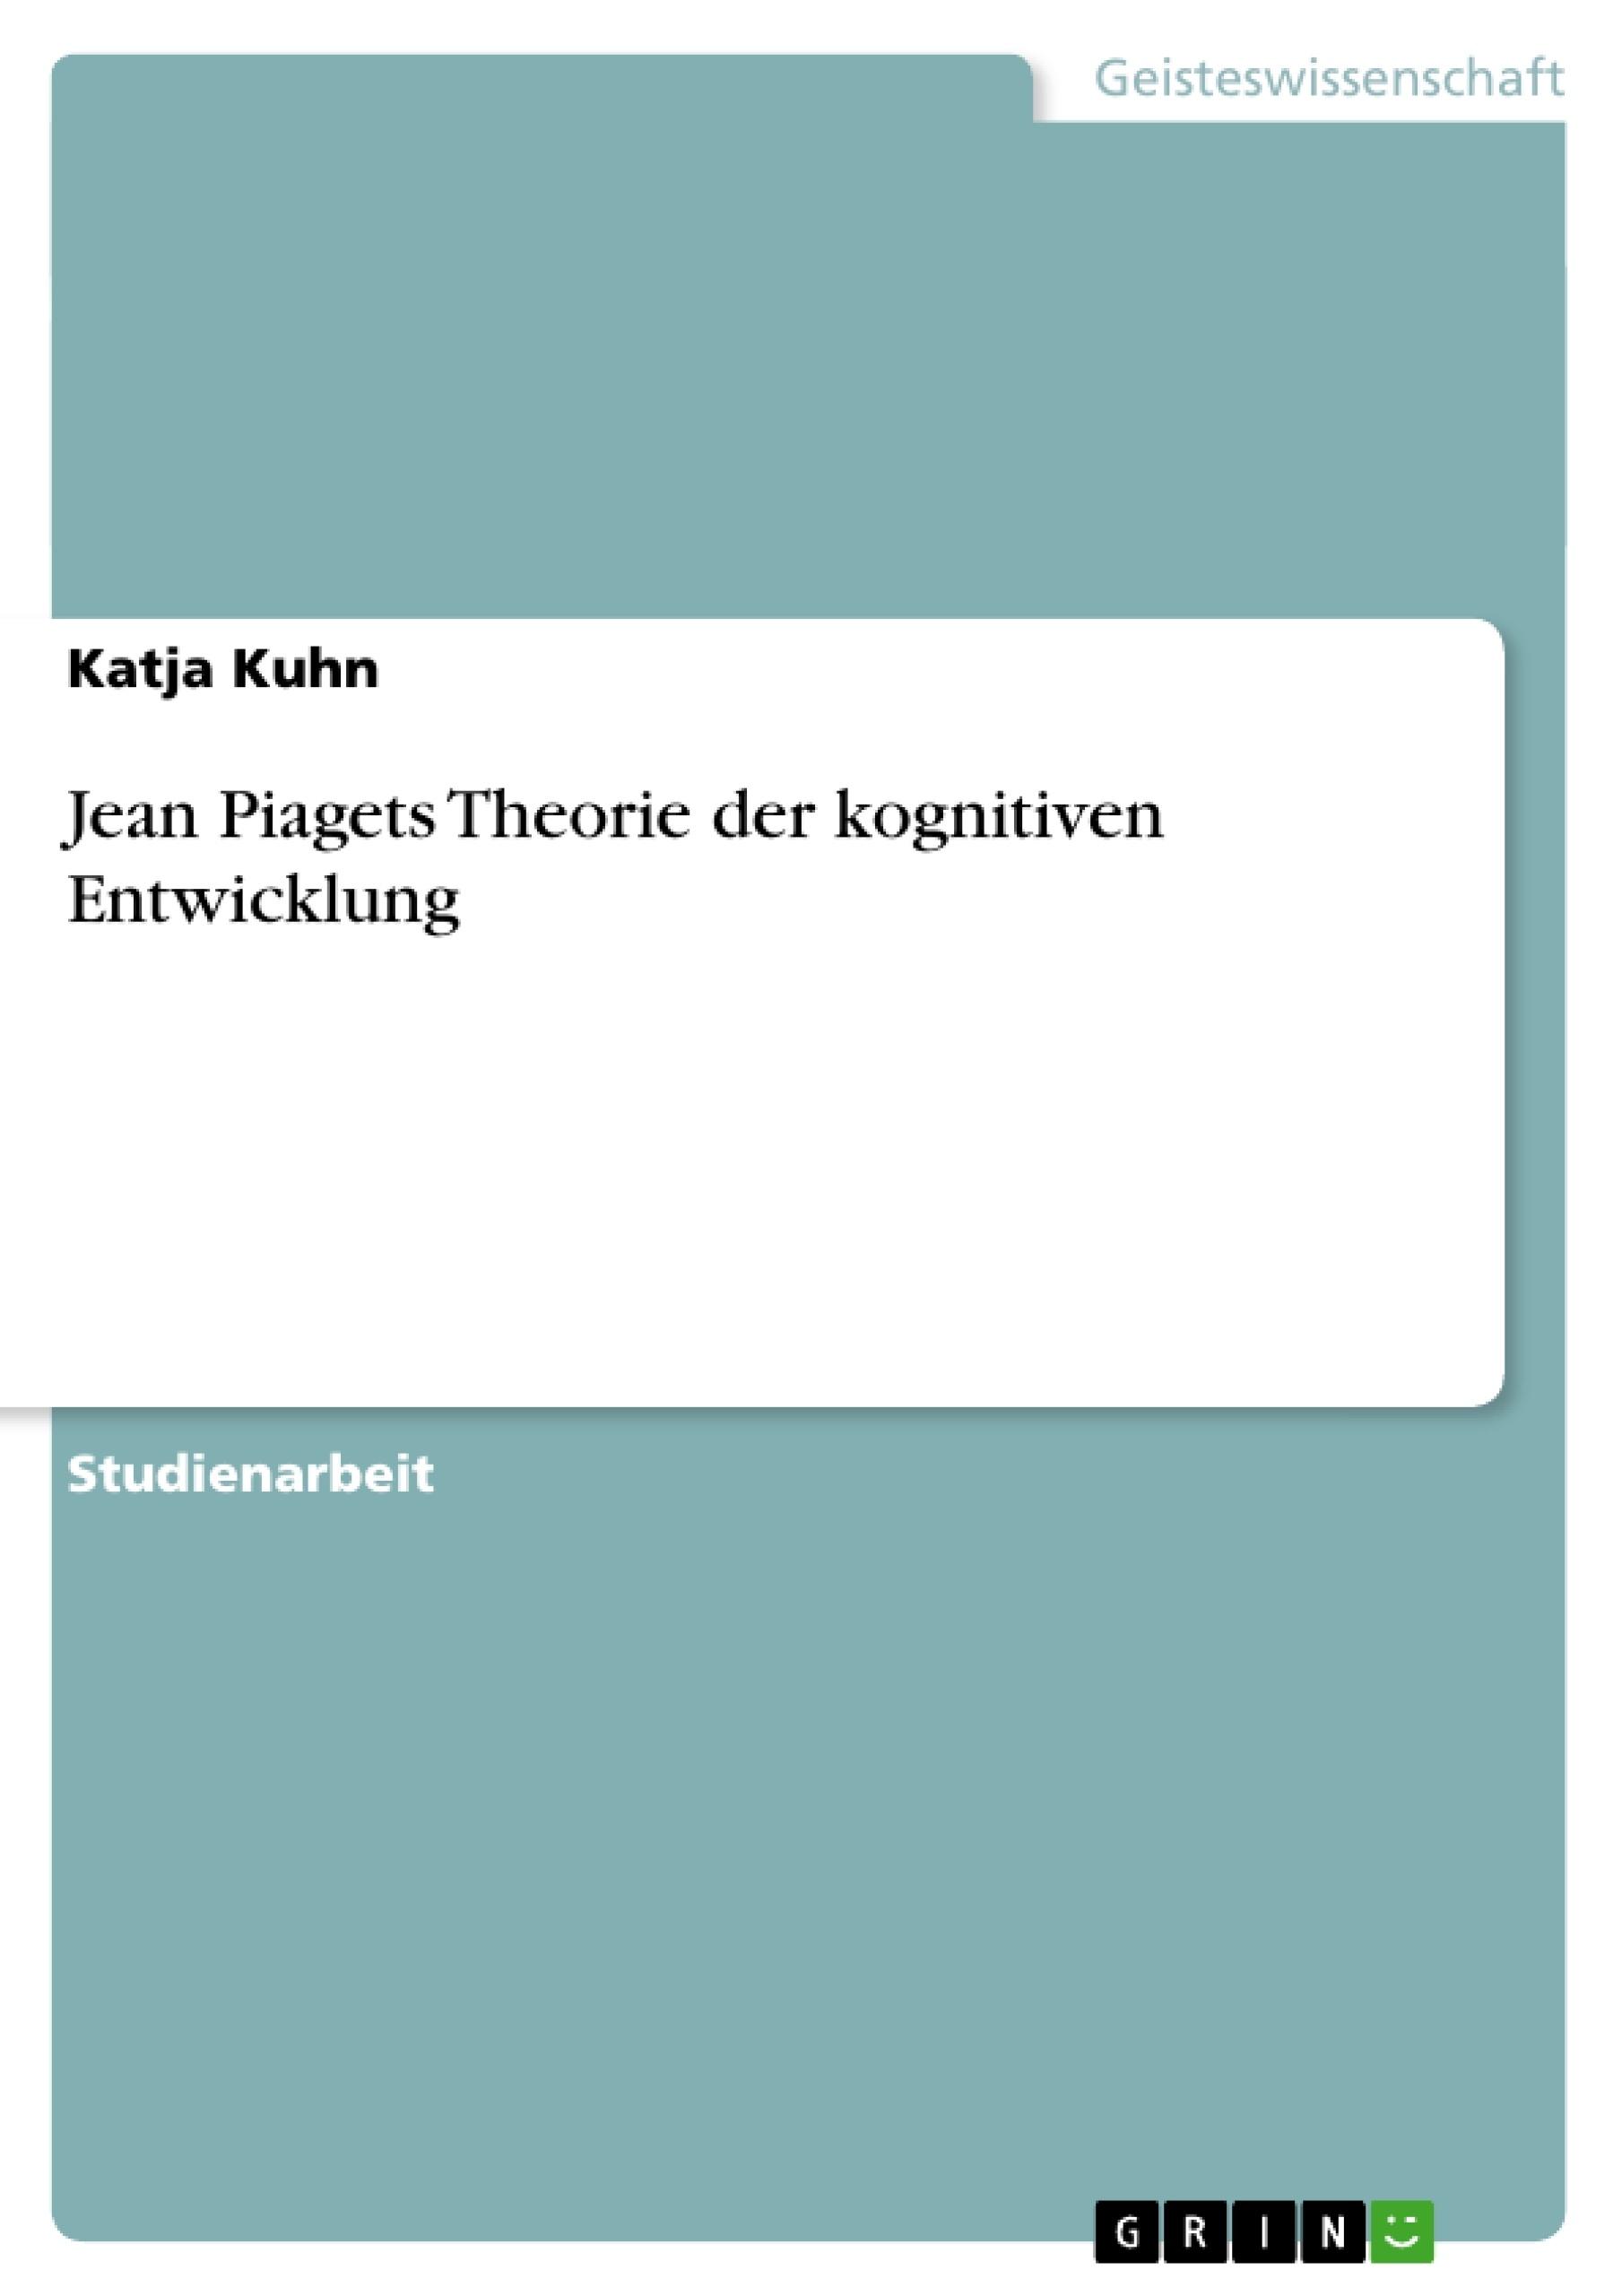 Titel: Jean Piagets Theorie der kognitiven Entwicklung